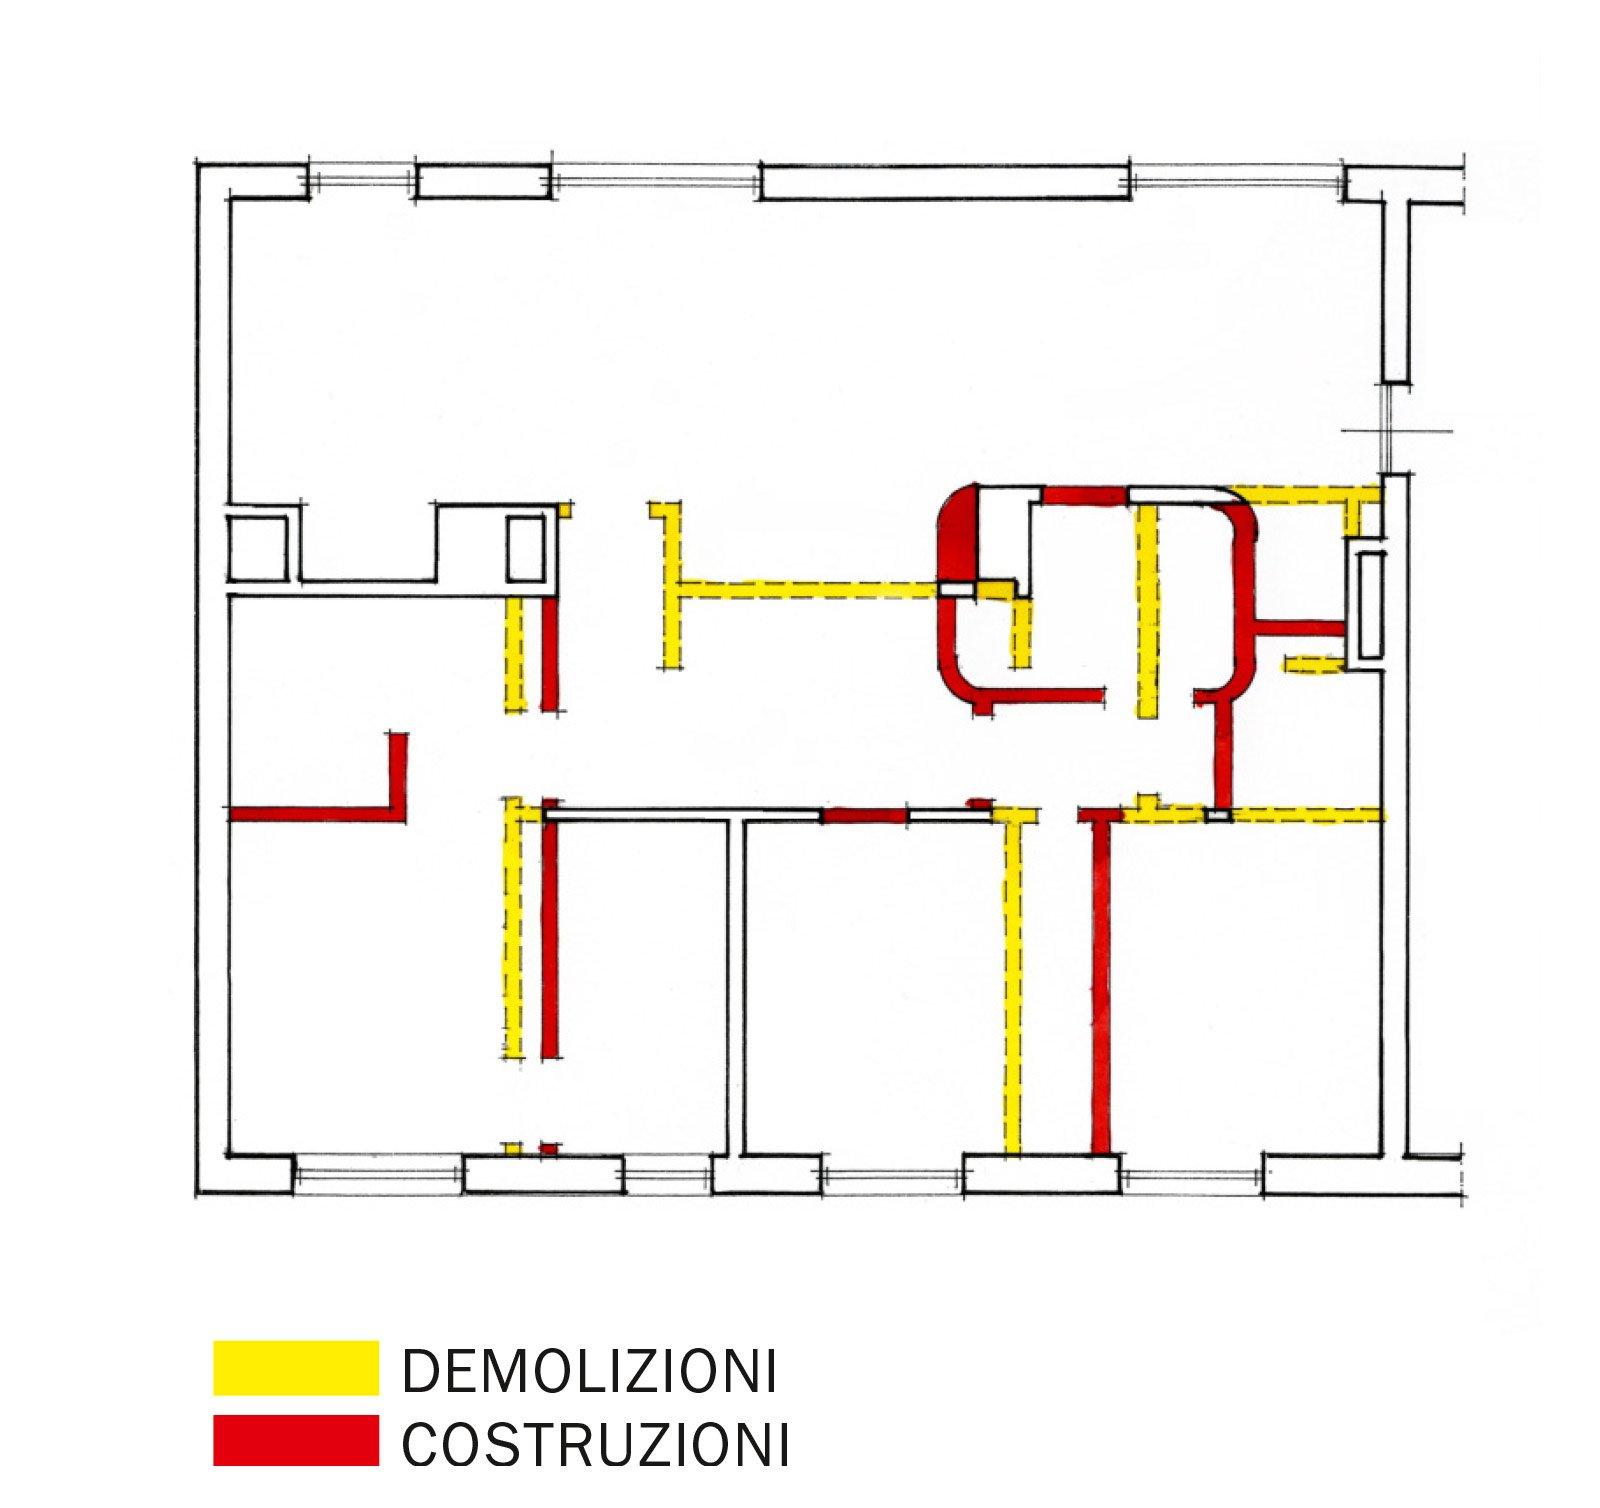 Suddivisioni ottimizzate per la casa di meno di 100 mq - Altezza di una finestra ...